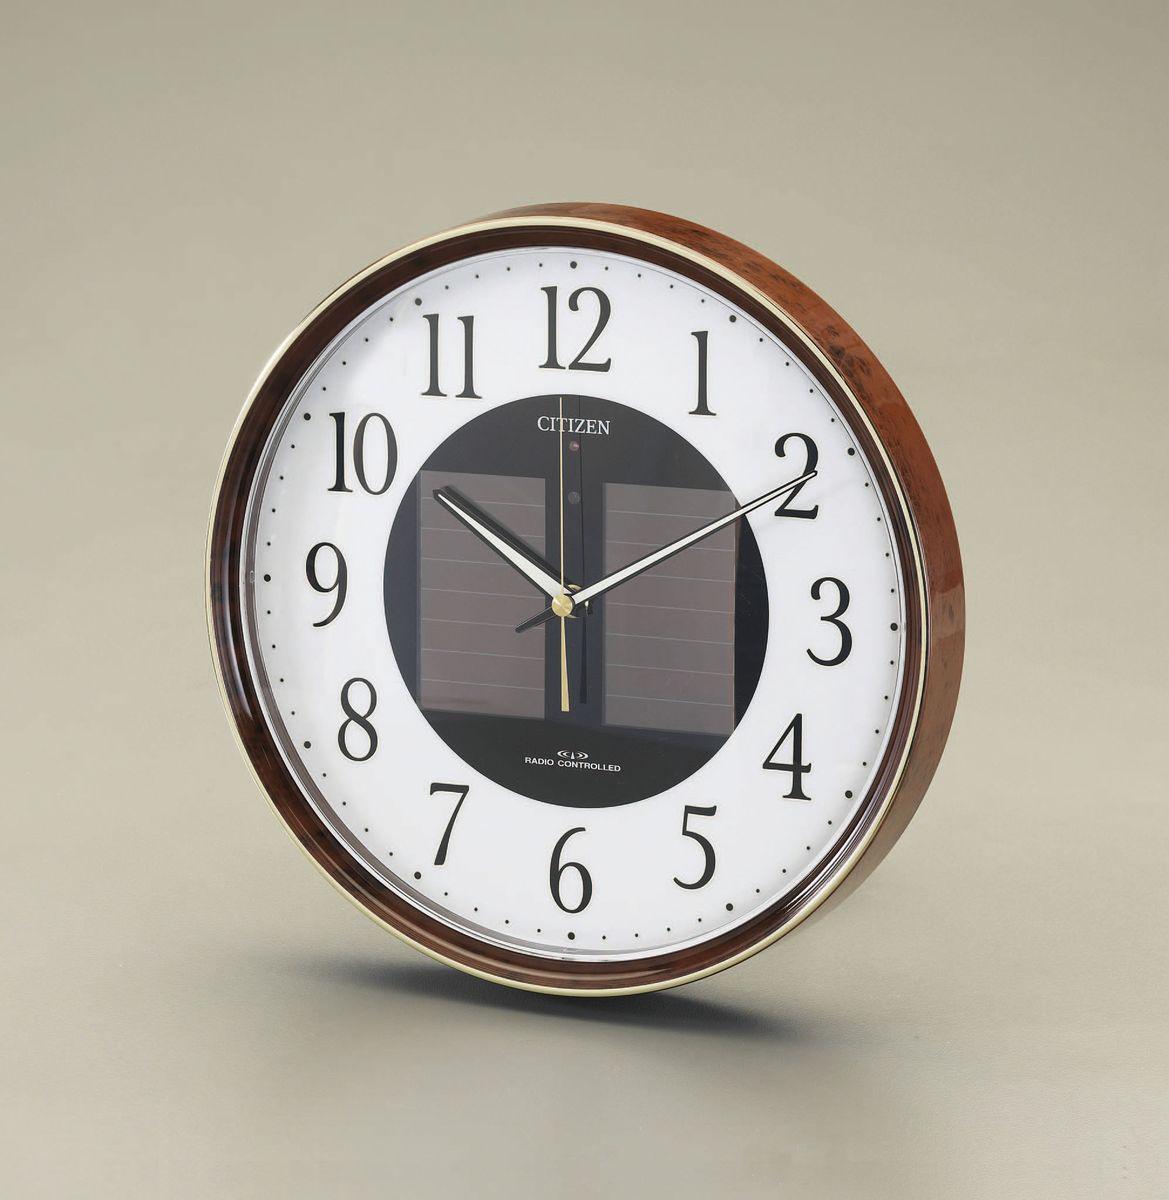 【メーカー在庫あり】 エスコ ESCO φ305mm 電波掛時計 ソーラー電源 000012228930 JP